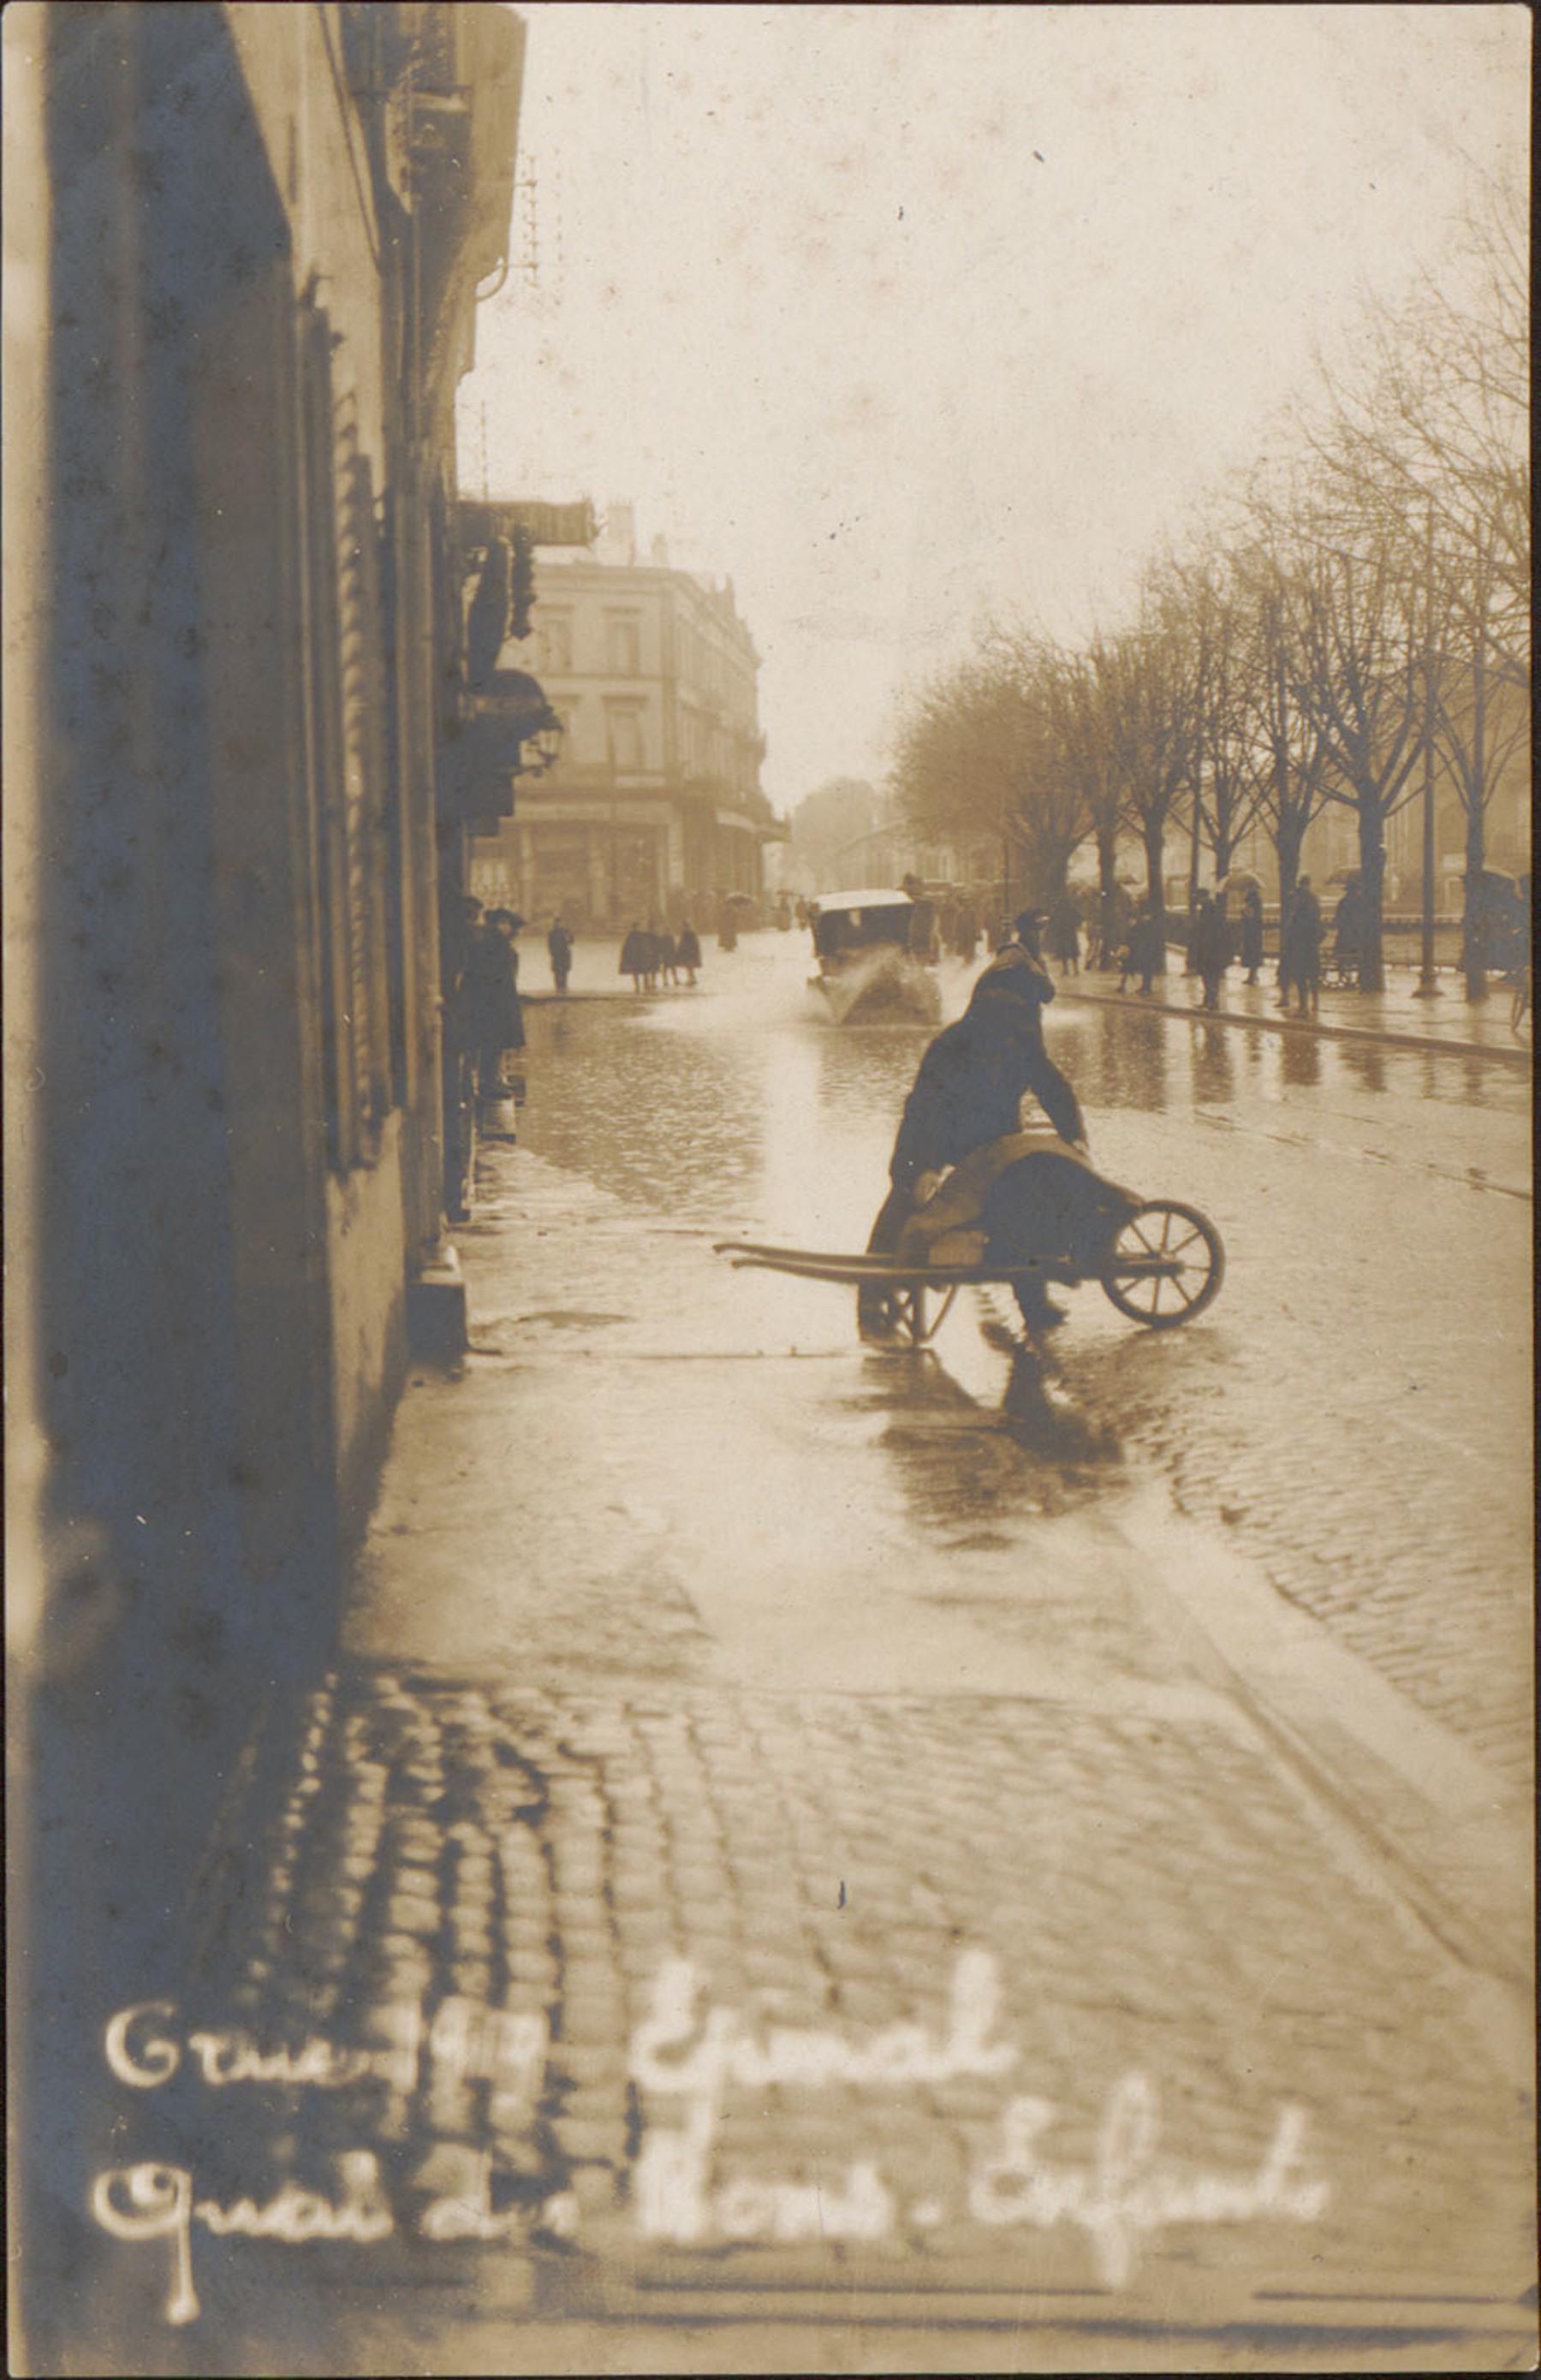 Contenu du Crue 1919 Épinal, Quai des Bons-Enfants